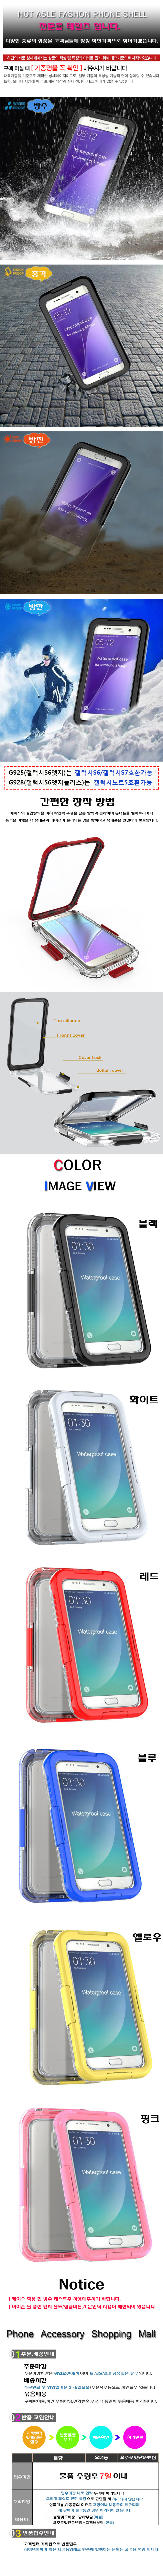 아이폰11Pro Max 락앤락방수케이스/완벽한 차단 - 테일즈, 17,900원, 케이스, 아이폰 11 Pro MAX